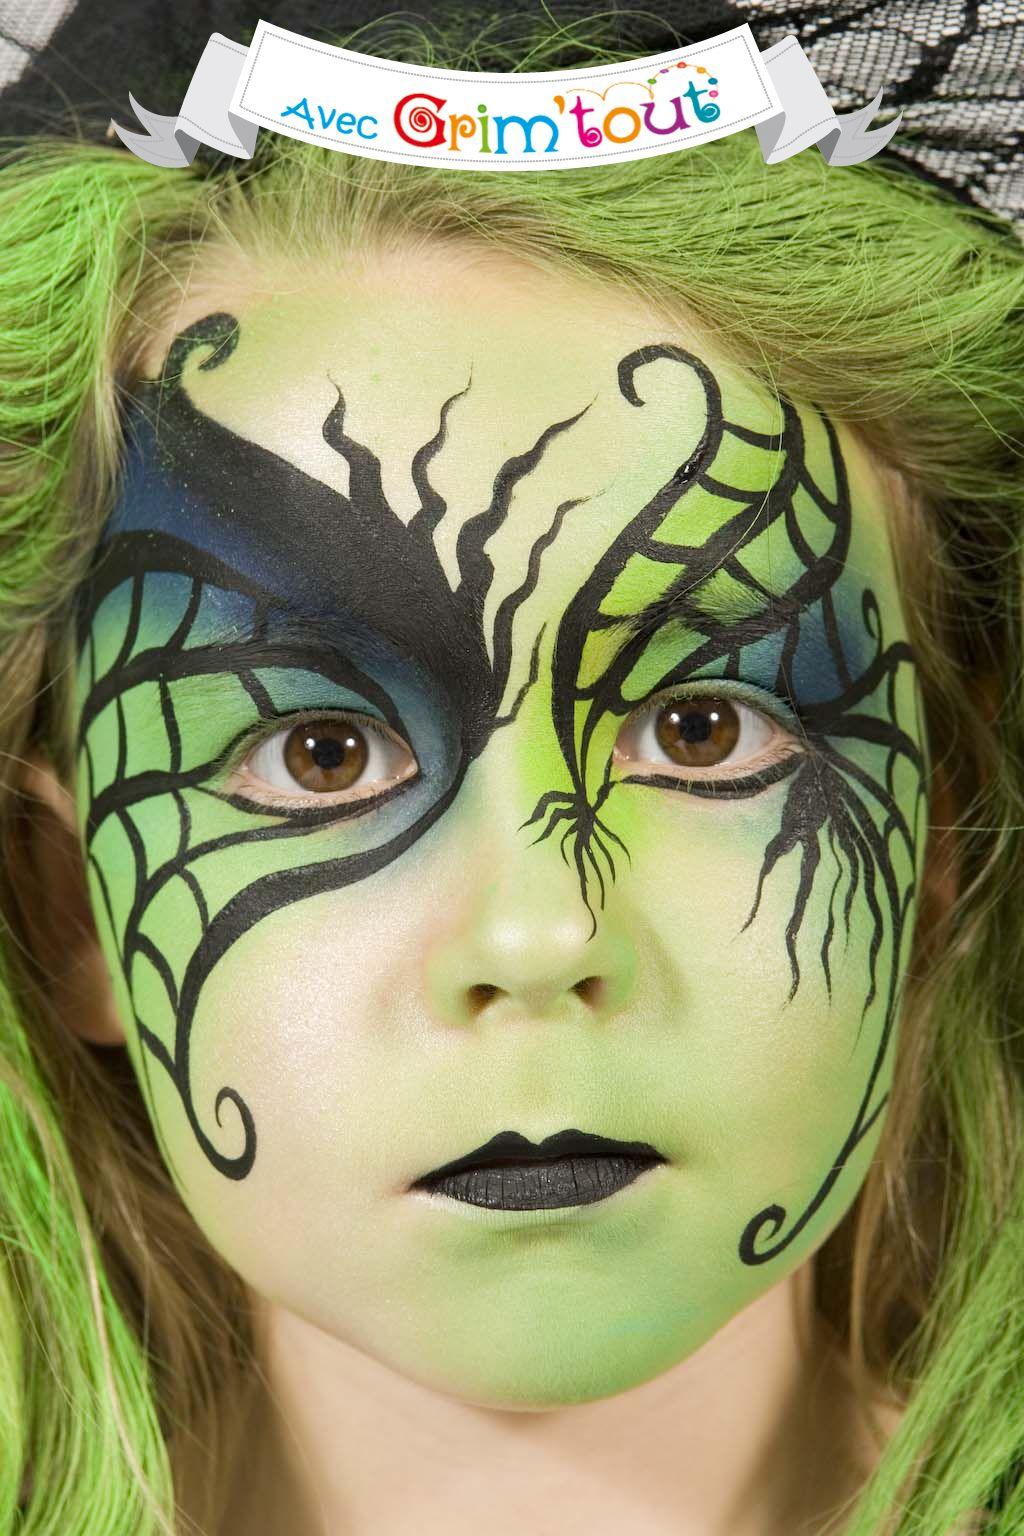 Un maquillage terrifiant pour devenir une sorcière verte